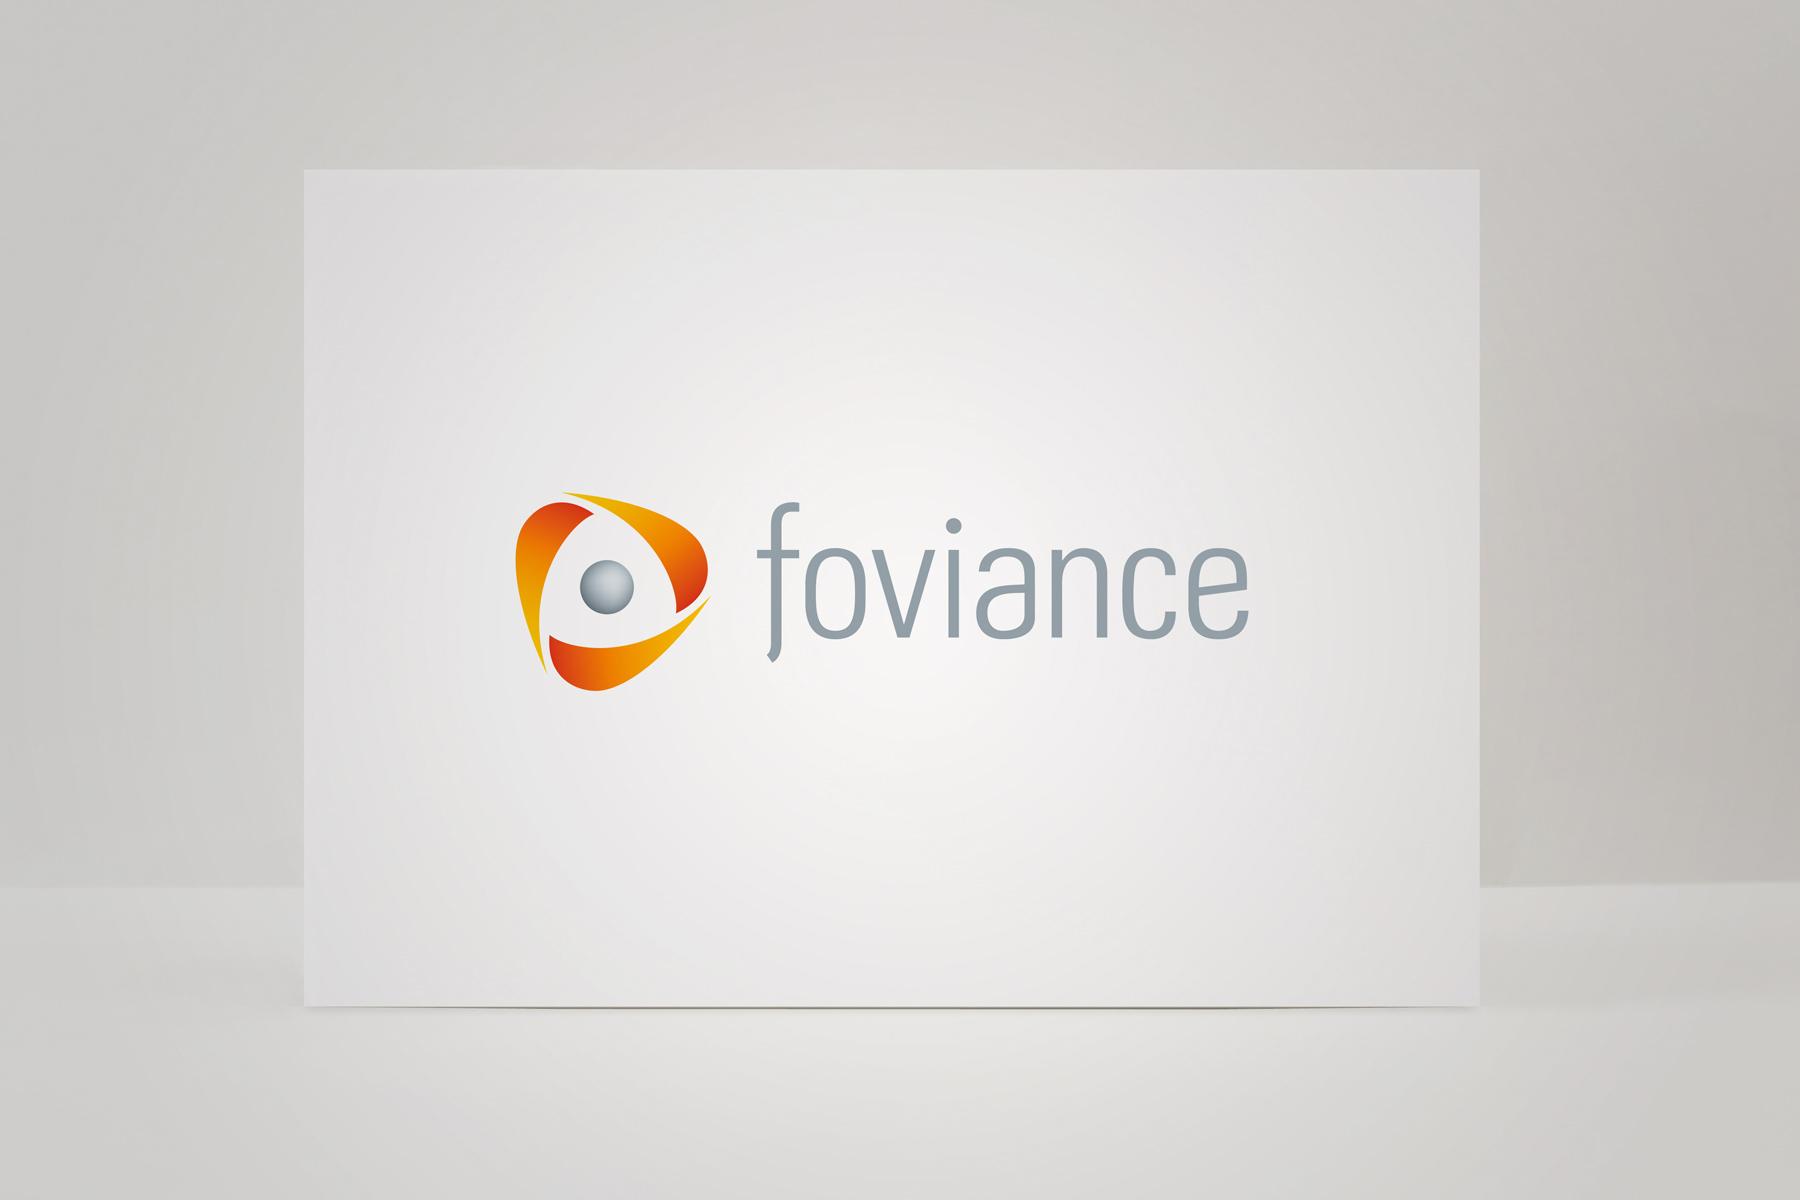 foviance_002